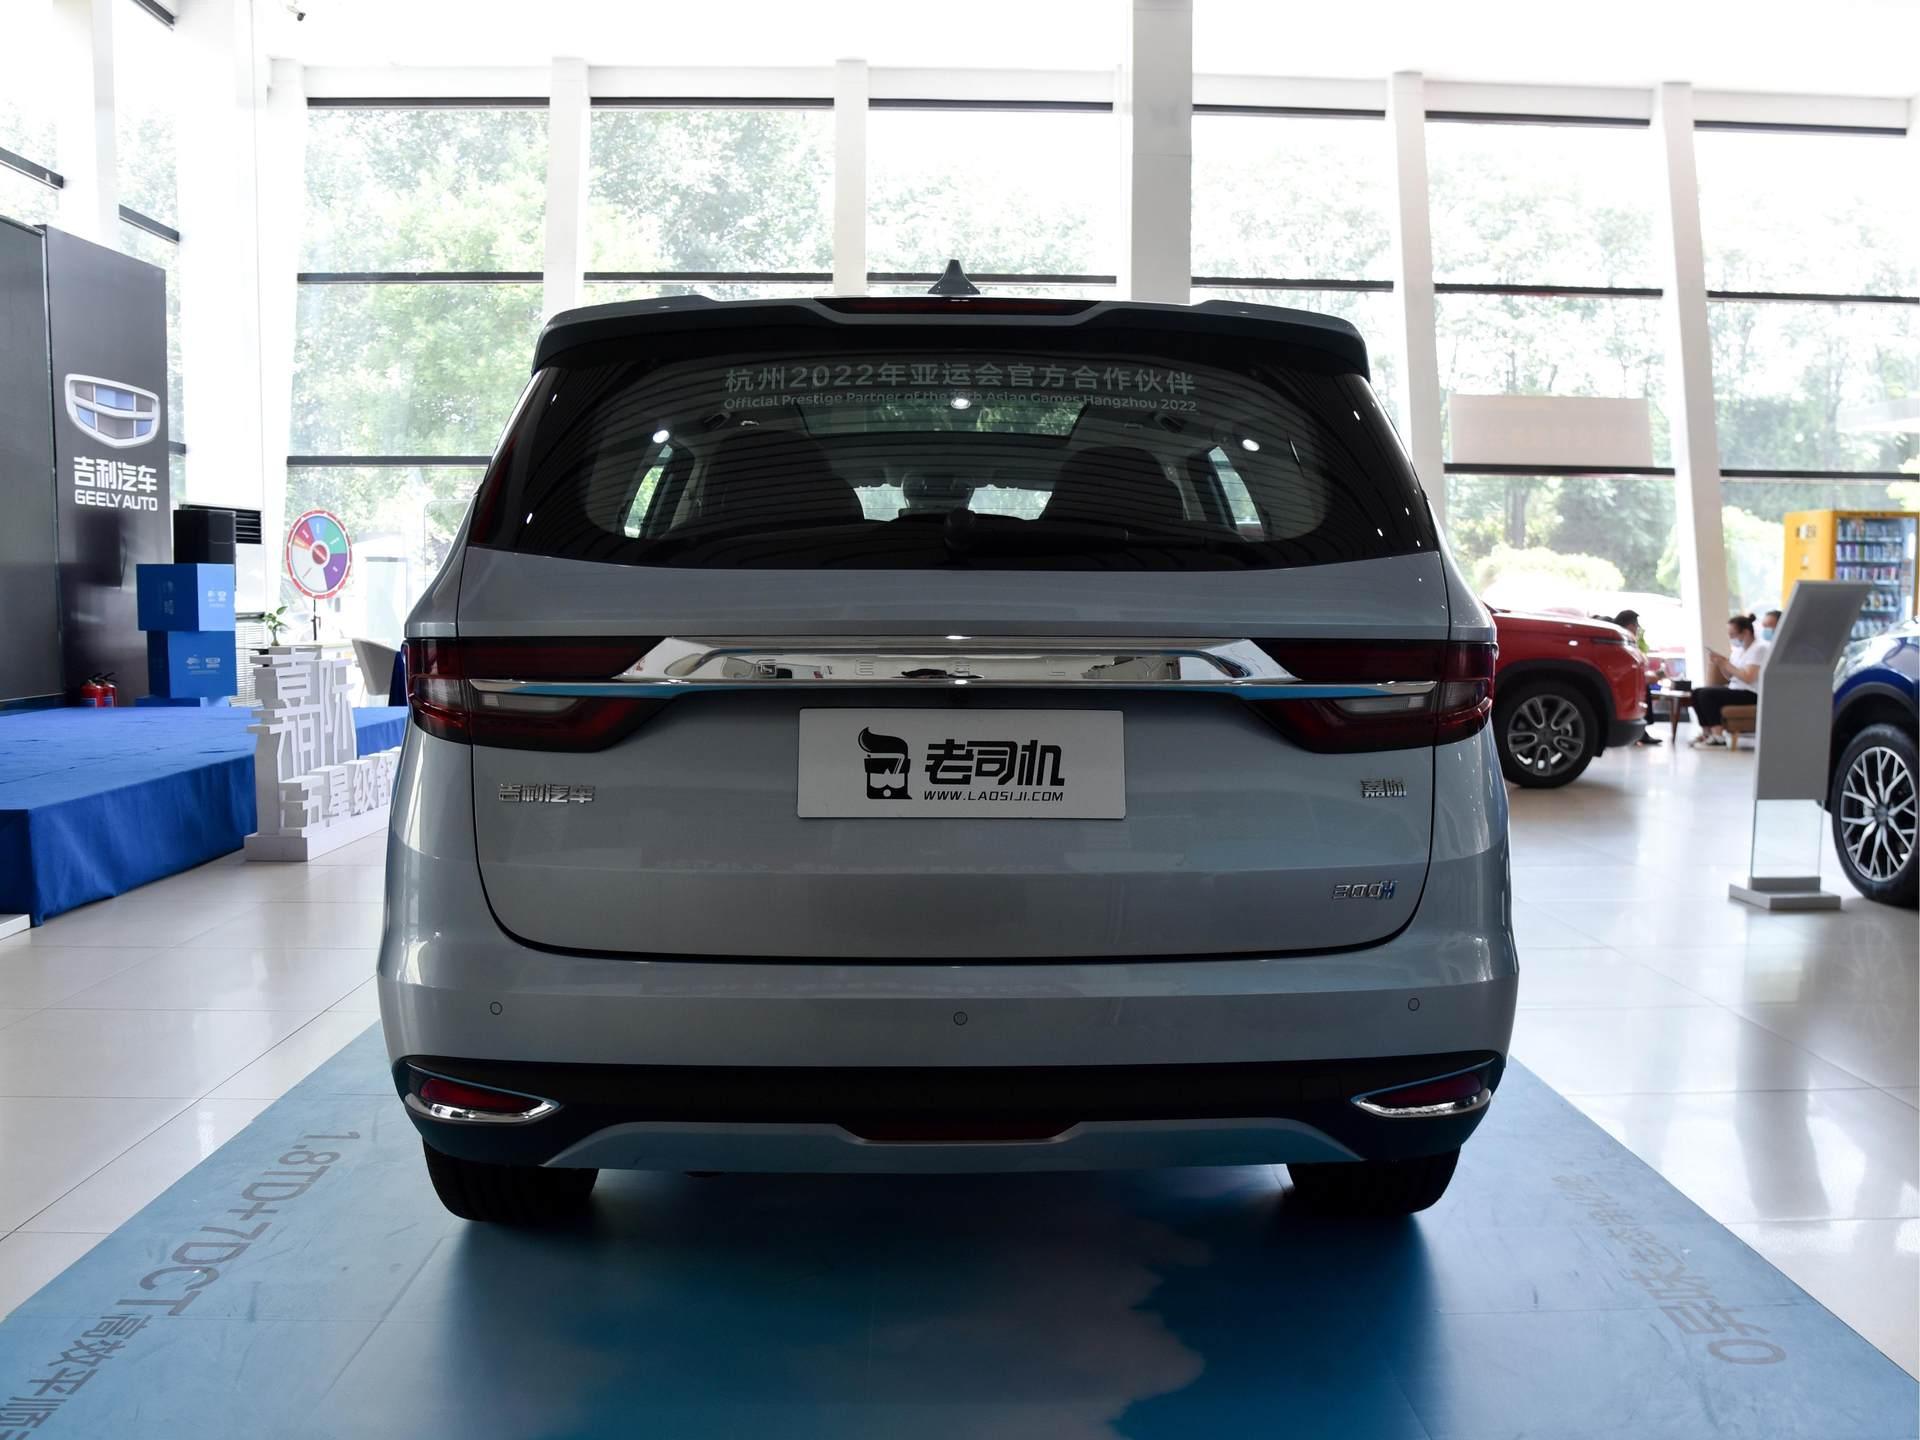 吉利造出成功MPV,頂配15萬配1.8T,軸距2805mm,四輪獨懸舒適佳-圖4